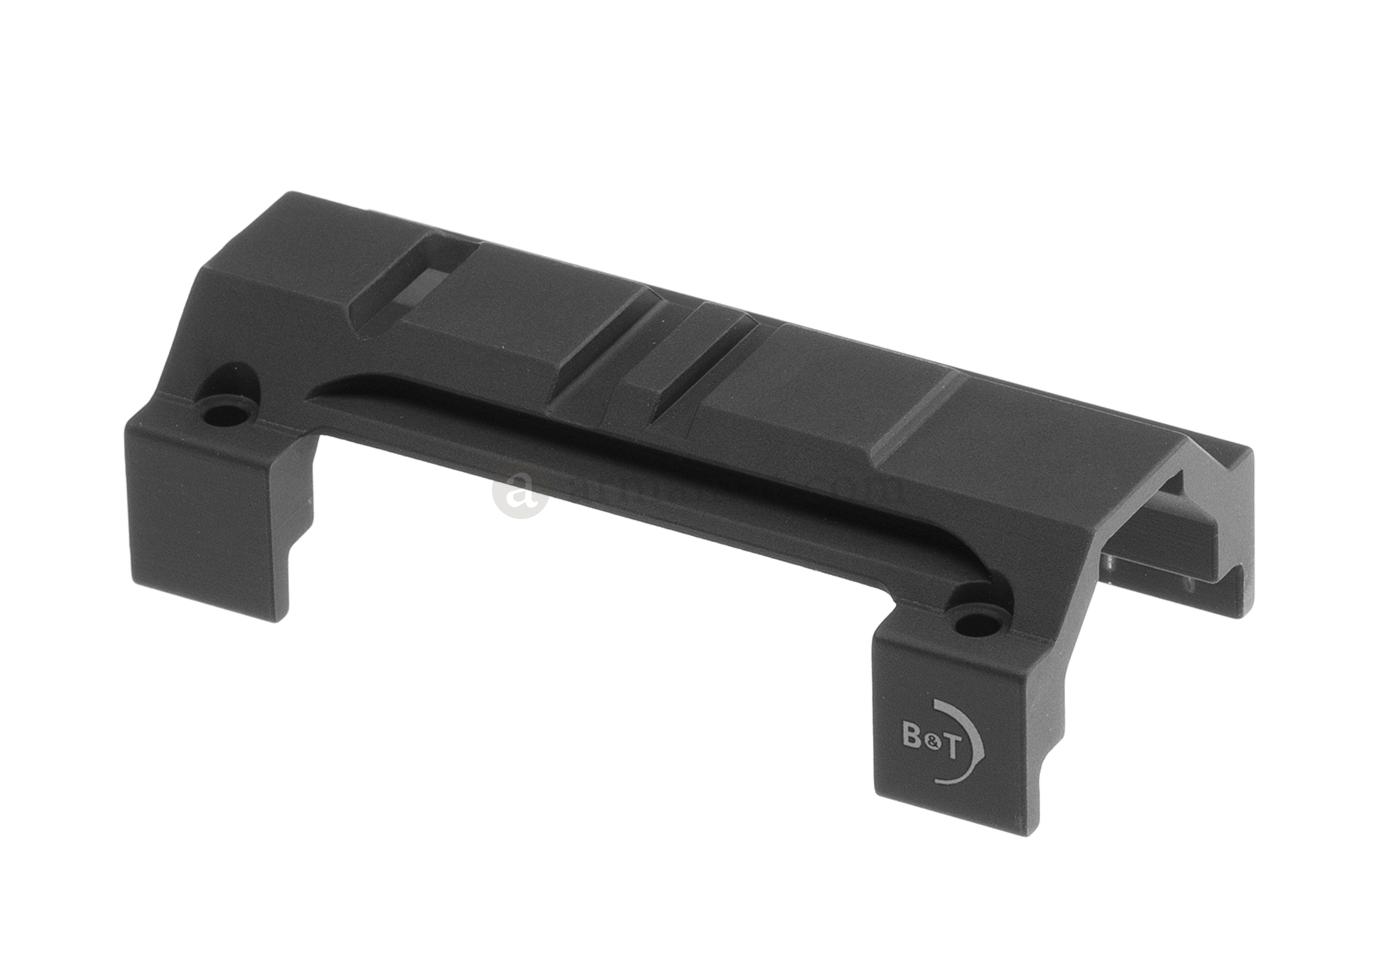 HK MP5/MP5K NAR Low Profile Mount